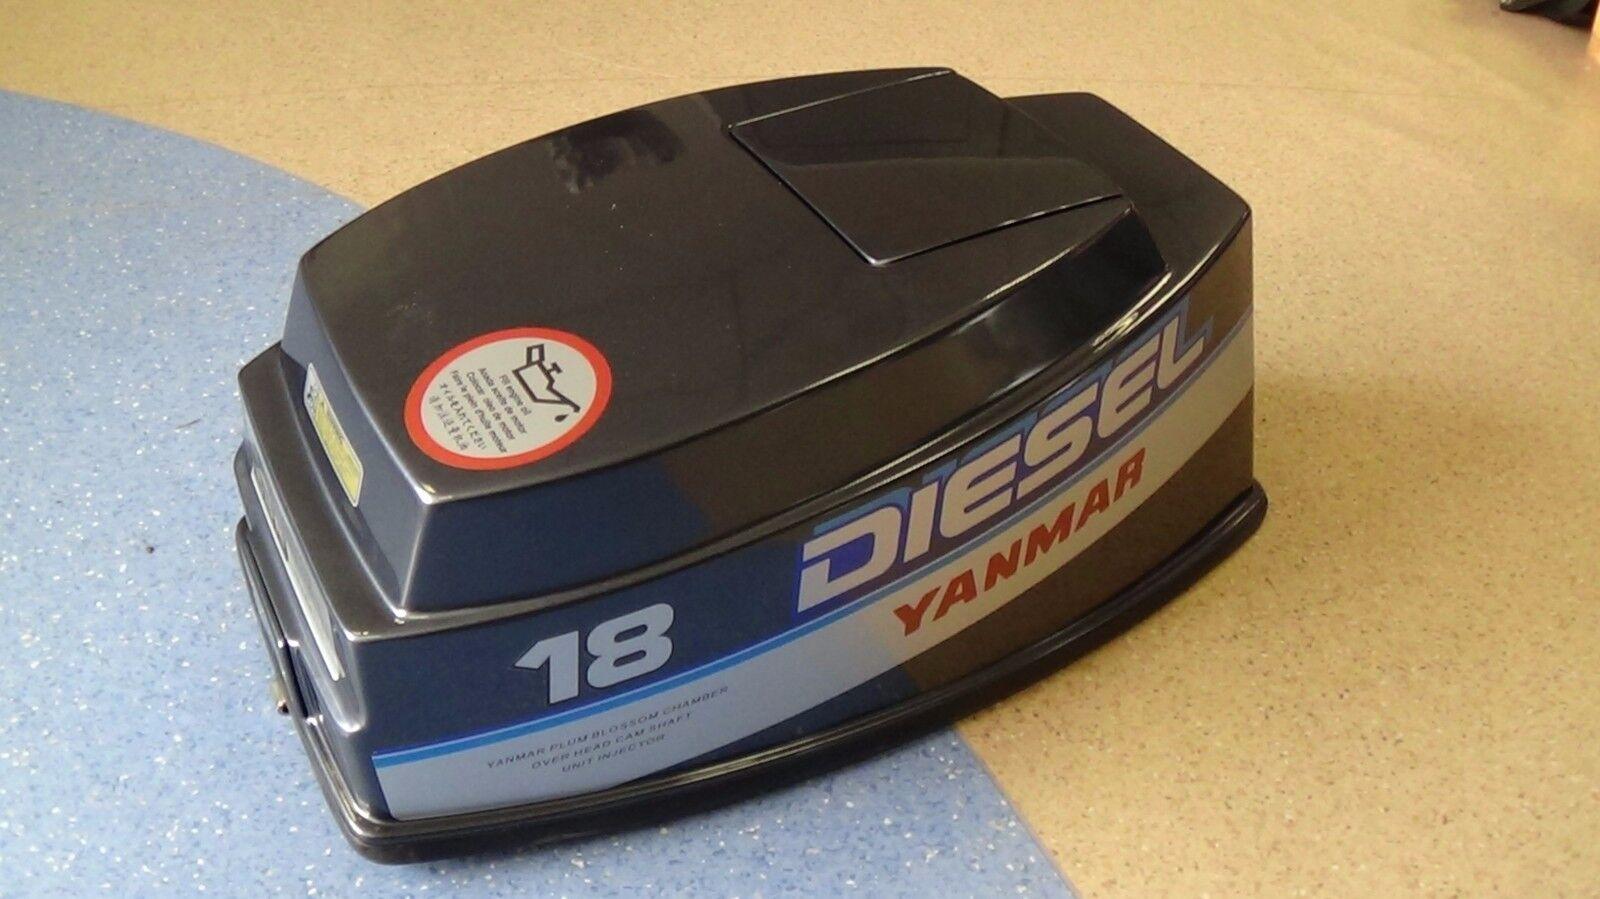 YANMAR Assy Diesel D18 Top Cowling Assy YANMAR 6649ae